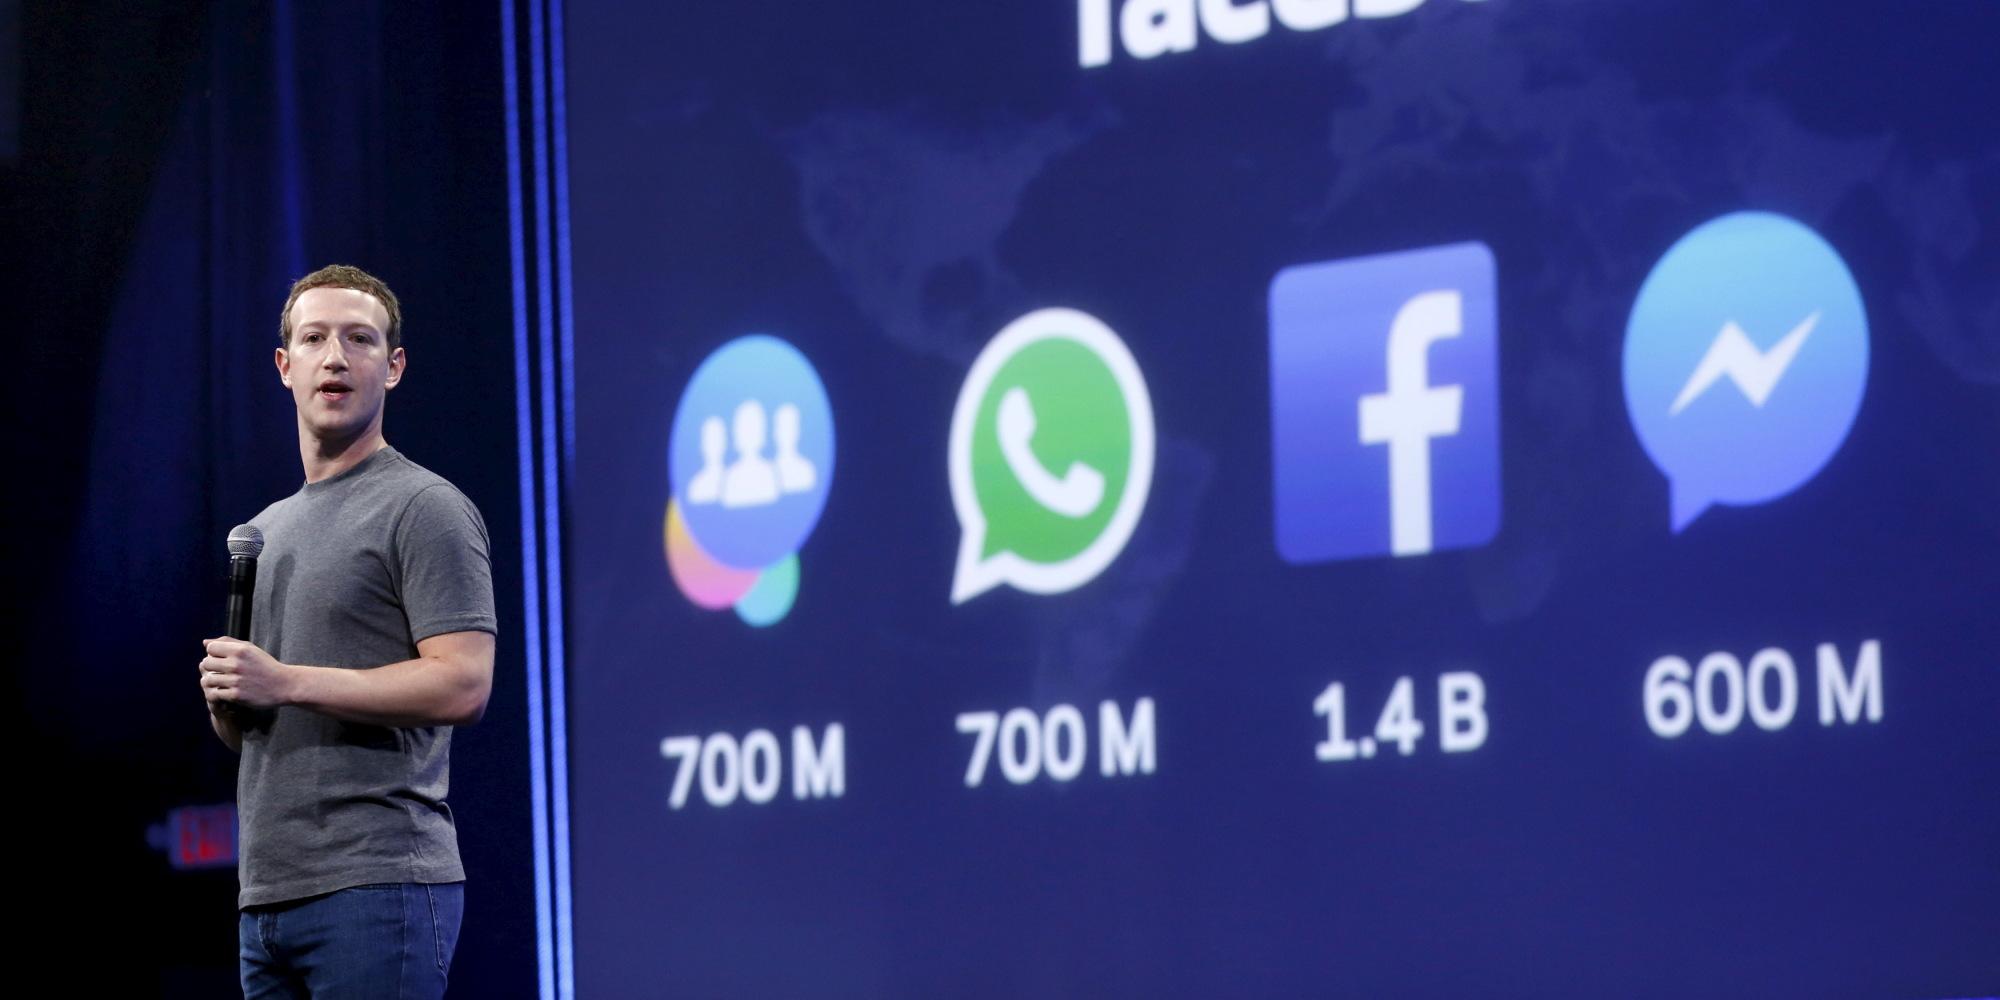 مخالفة ستُكلف فيسبوك ربع مليون يورو يومياً! محكمة تواجه الشركة التي ترتكب فعلاً تخفيه عن مستخدمي الإنترنت